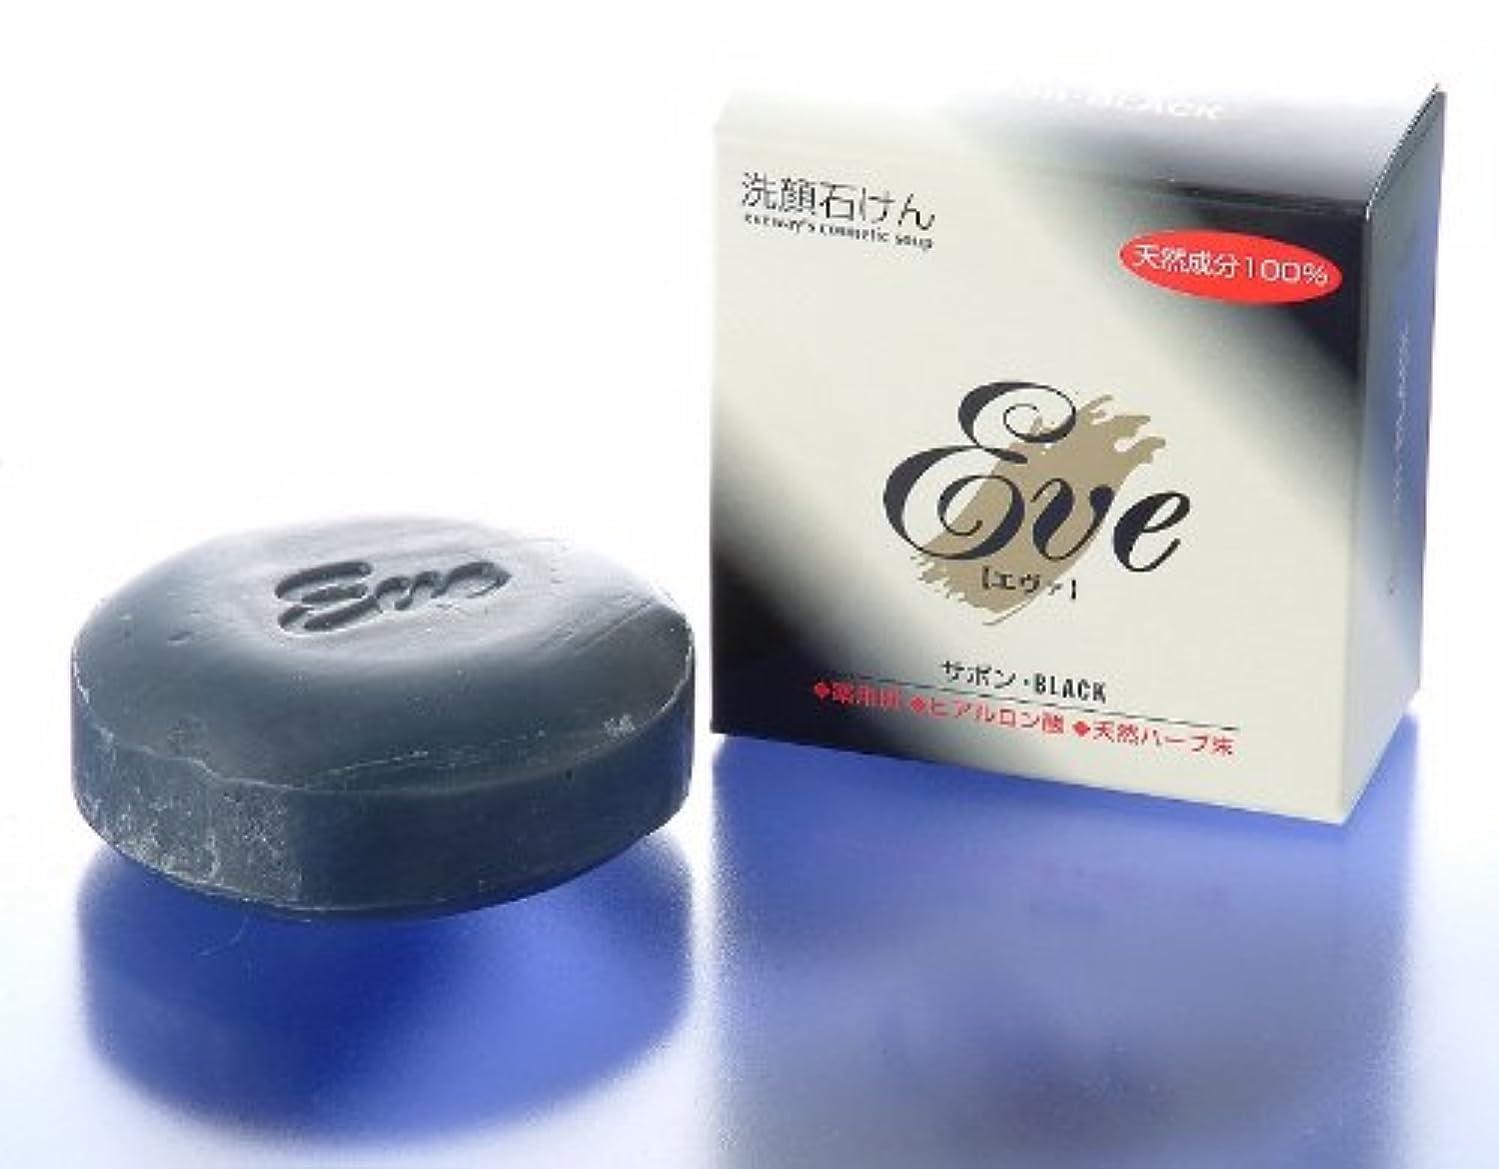 洗顔 化粧石鹸 サボンブラック クレンジングの要らない石鹸です。